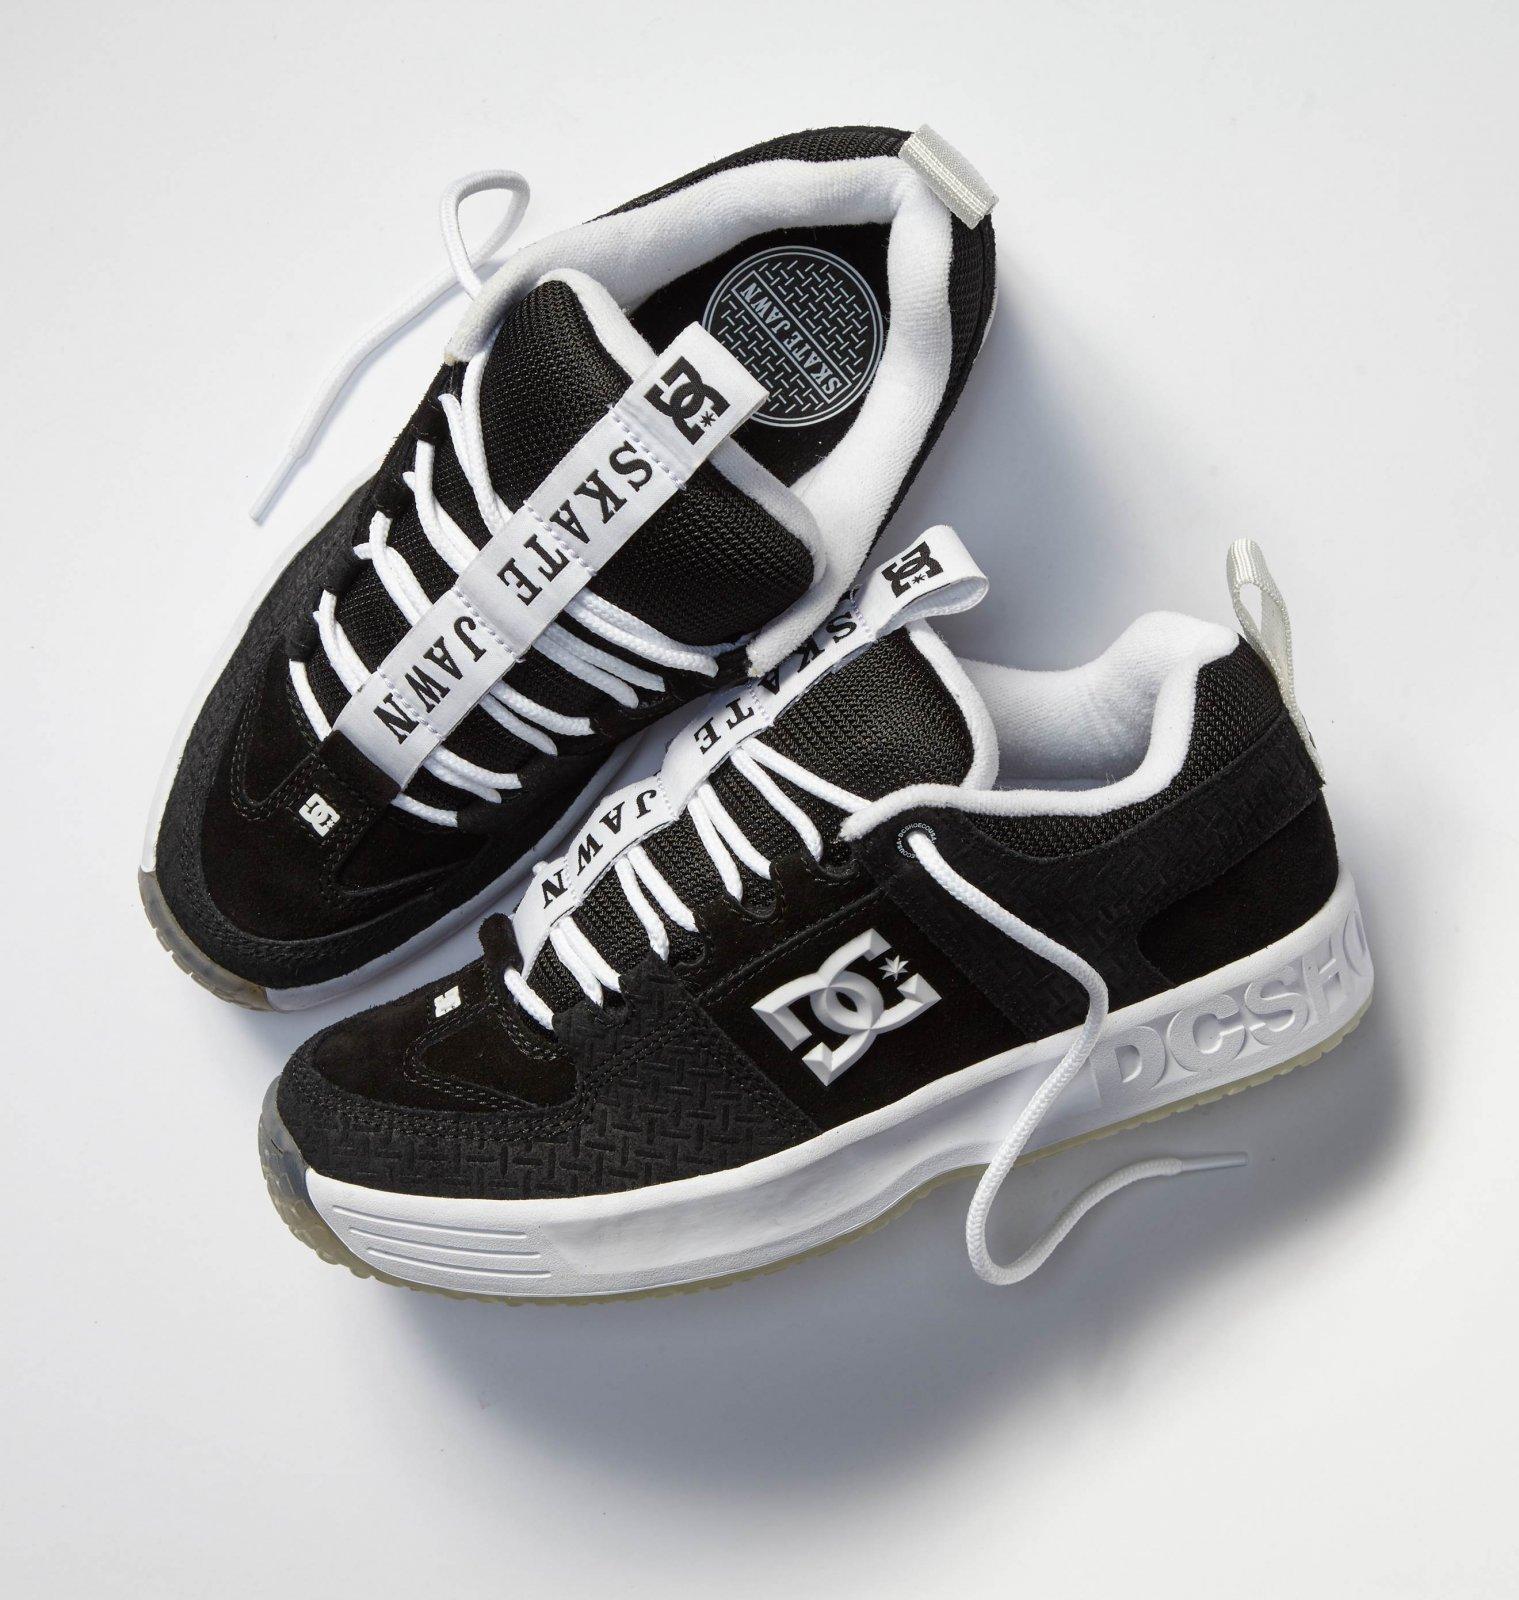 Dc Lynx OG X Skate Jawn black/grey/white